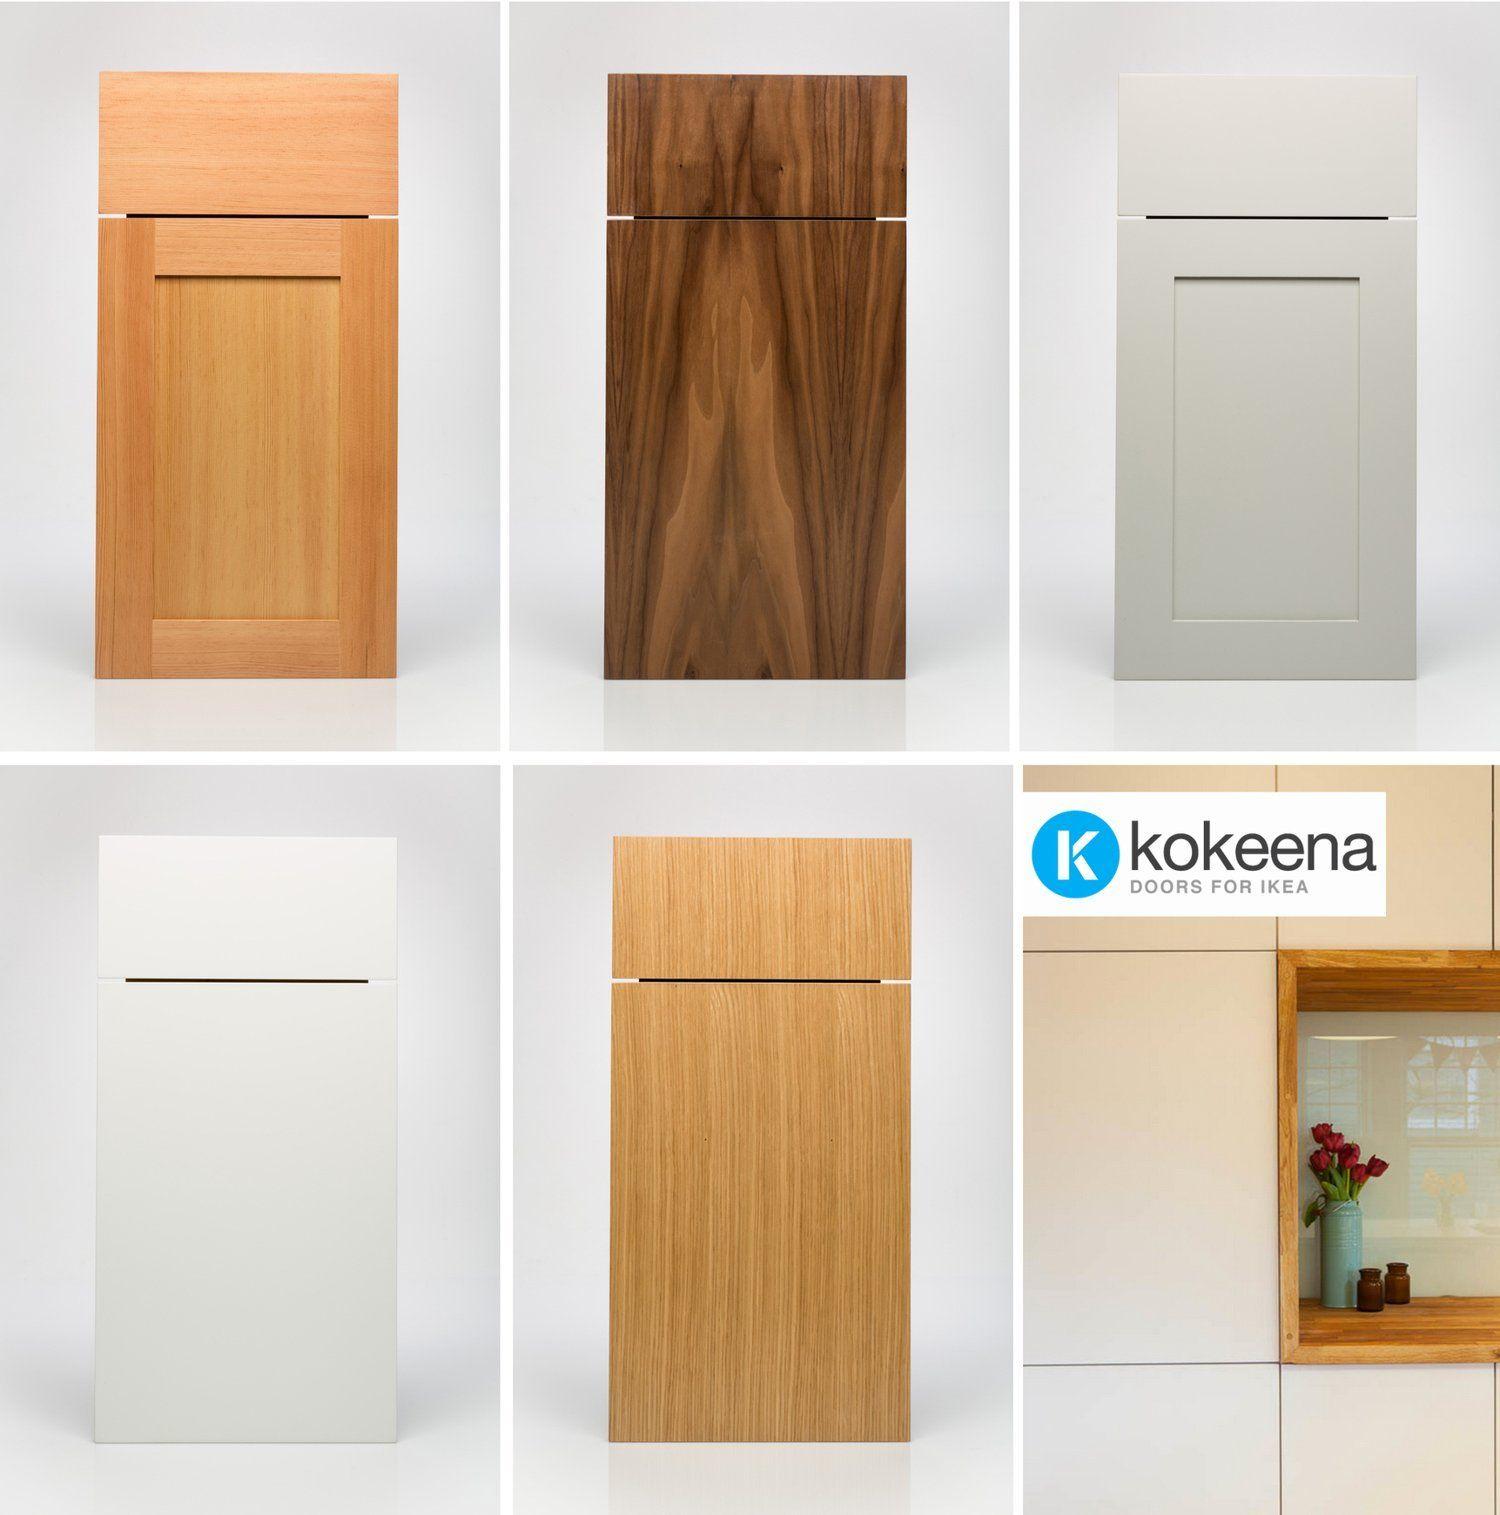 Kokeena Real Wood ReadyMade Doors for IKEA